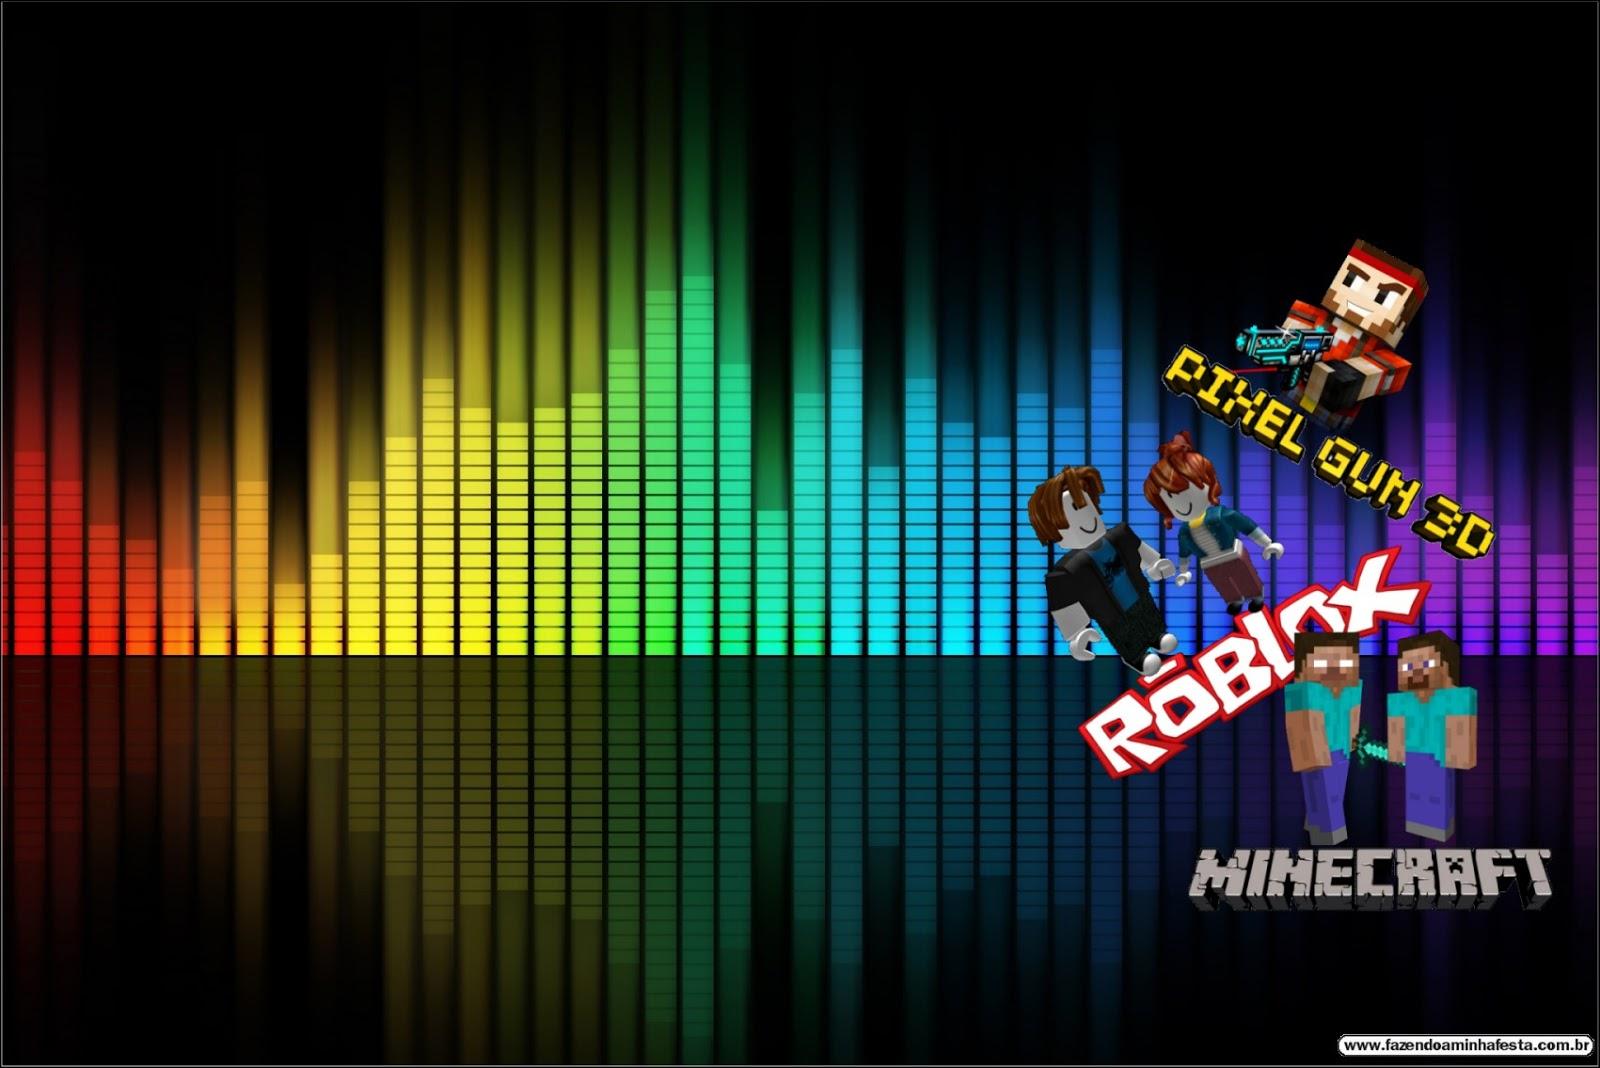 Pixel Gum 3d Roblox Y Minecraft Invitaciones Para Imprimir